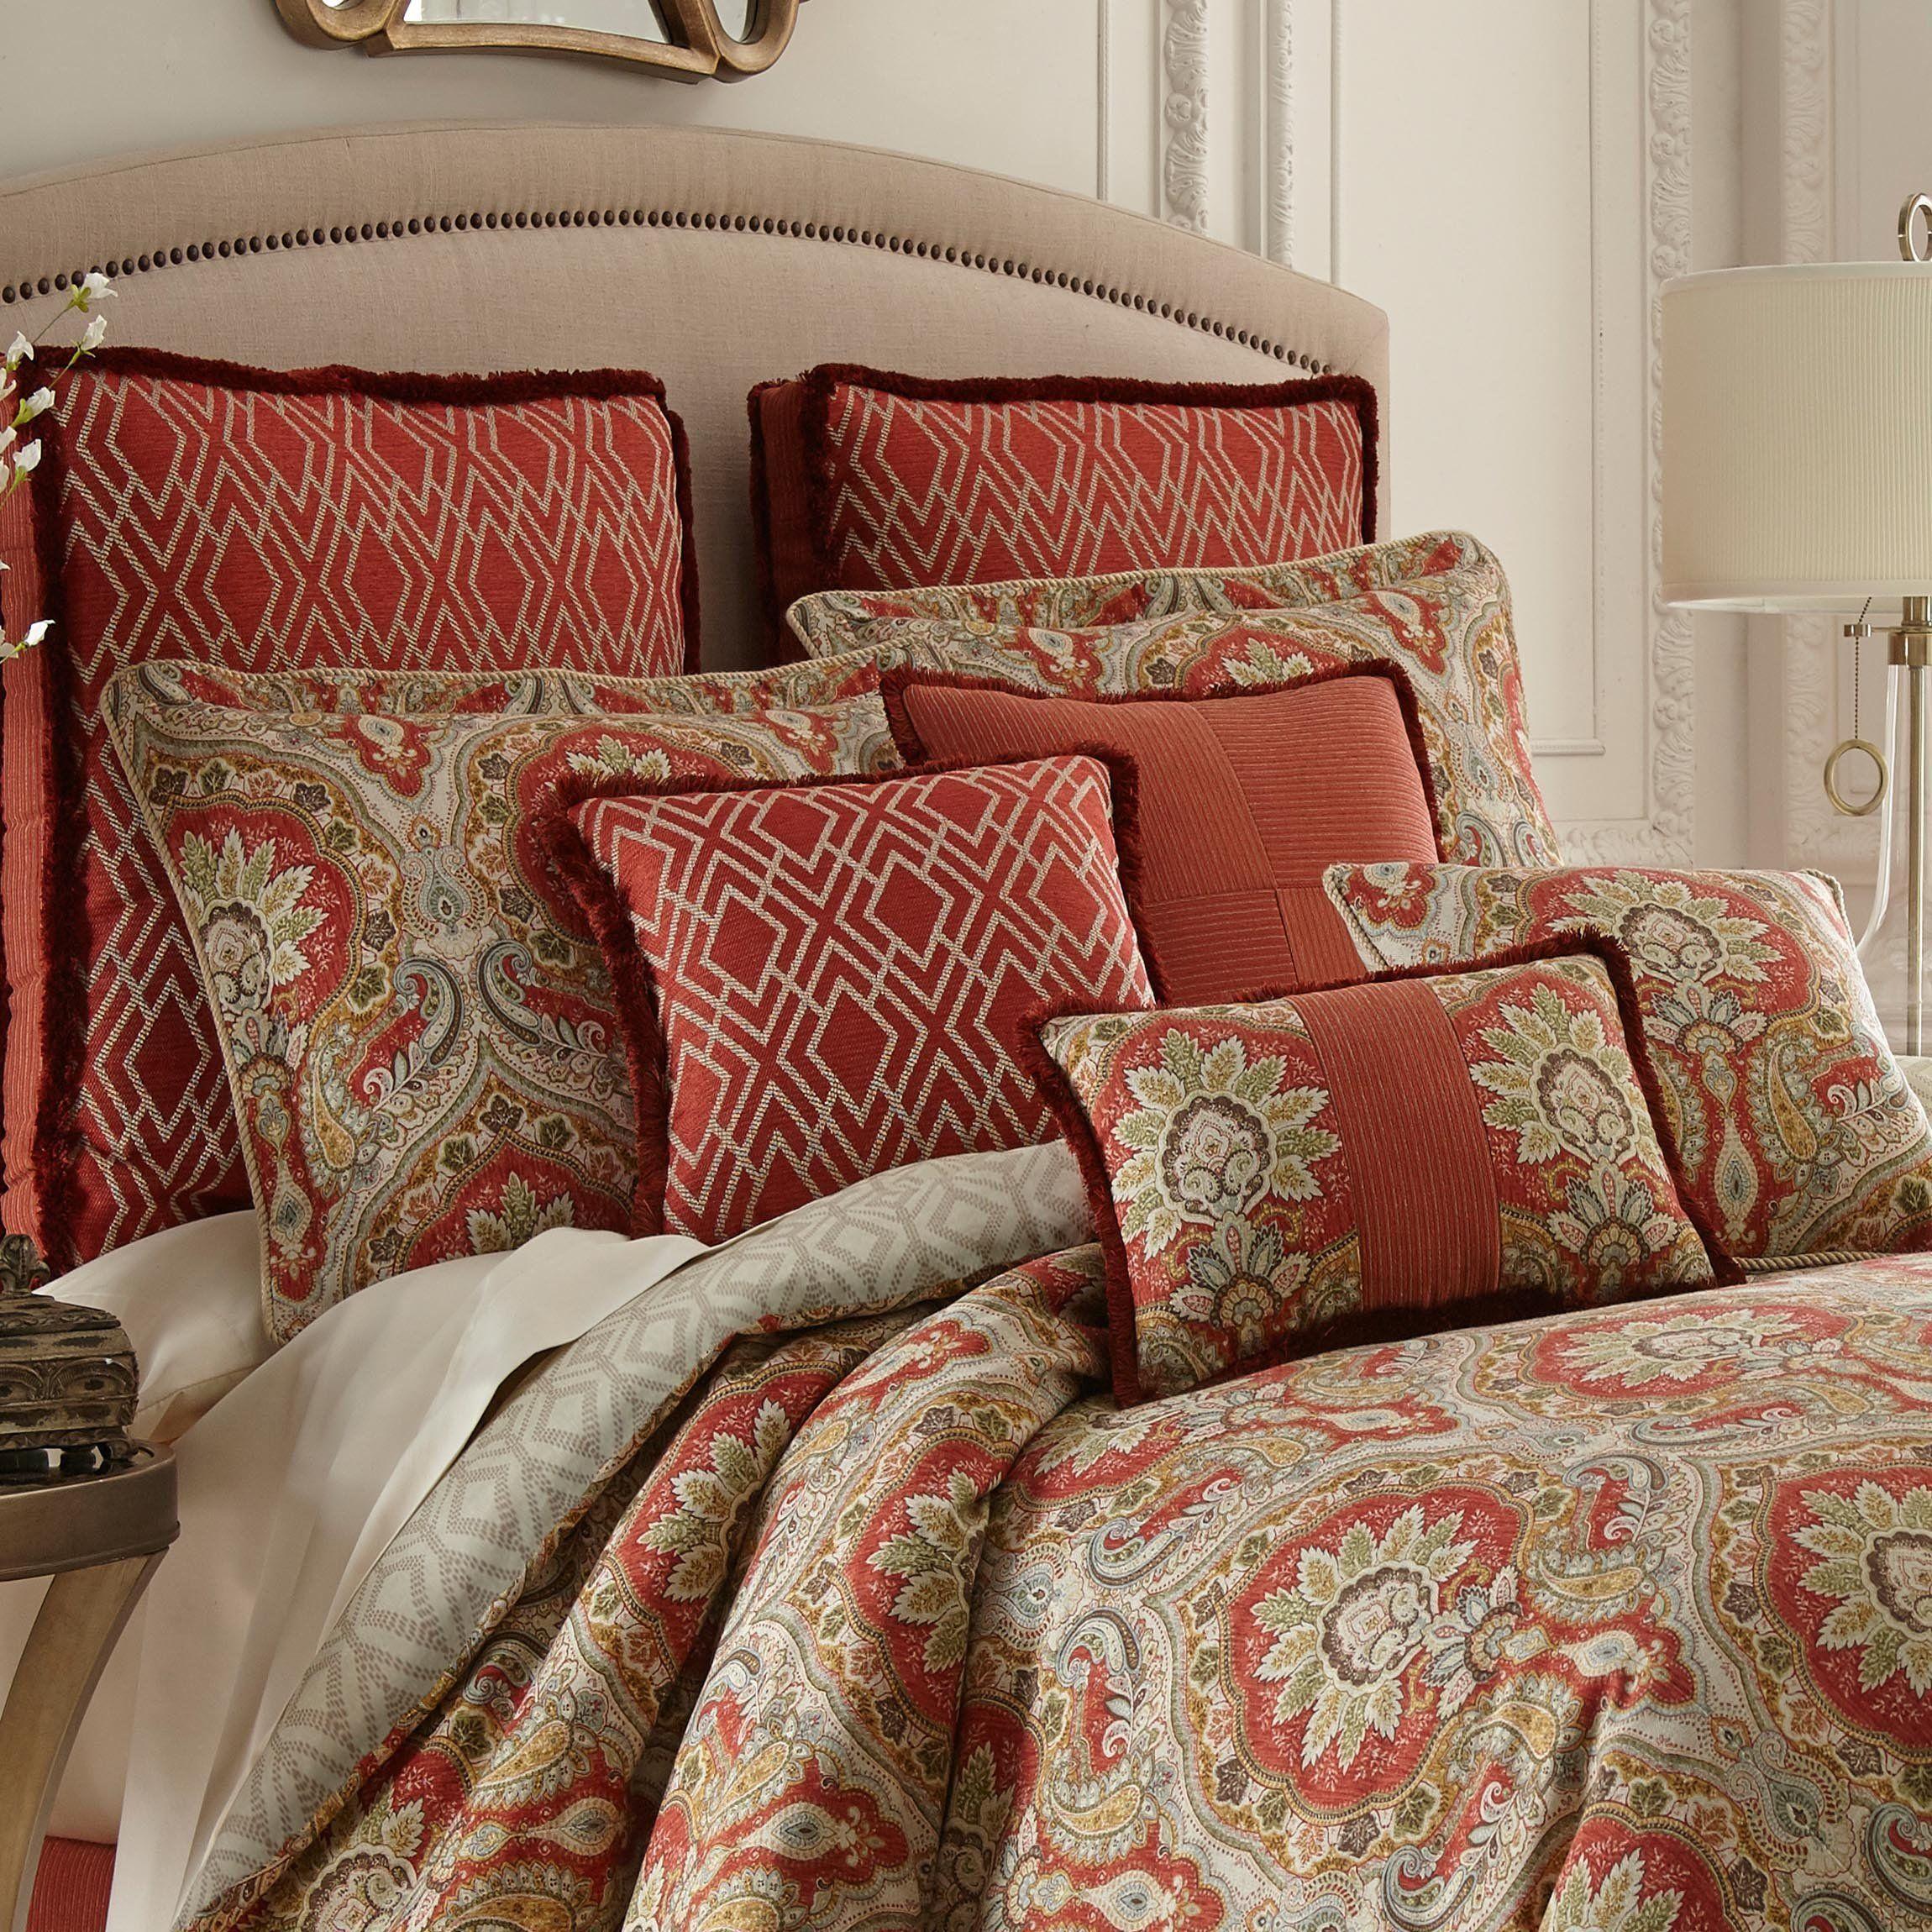 harrogate multi 4 piece comforter set